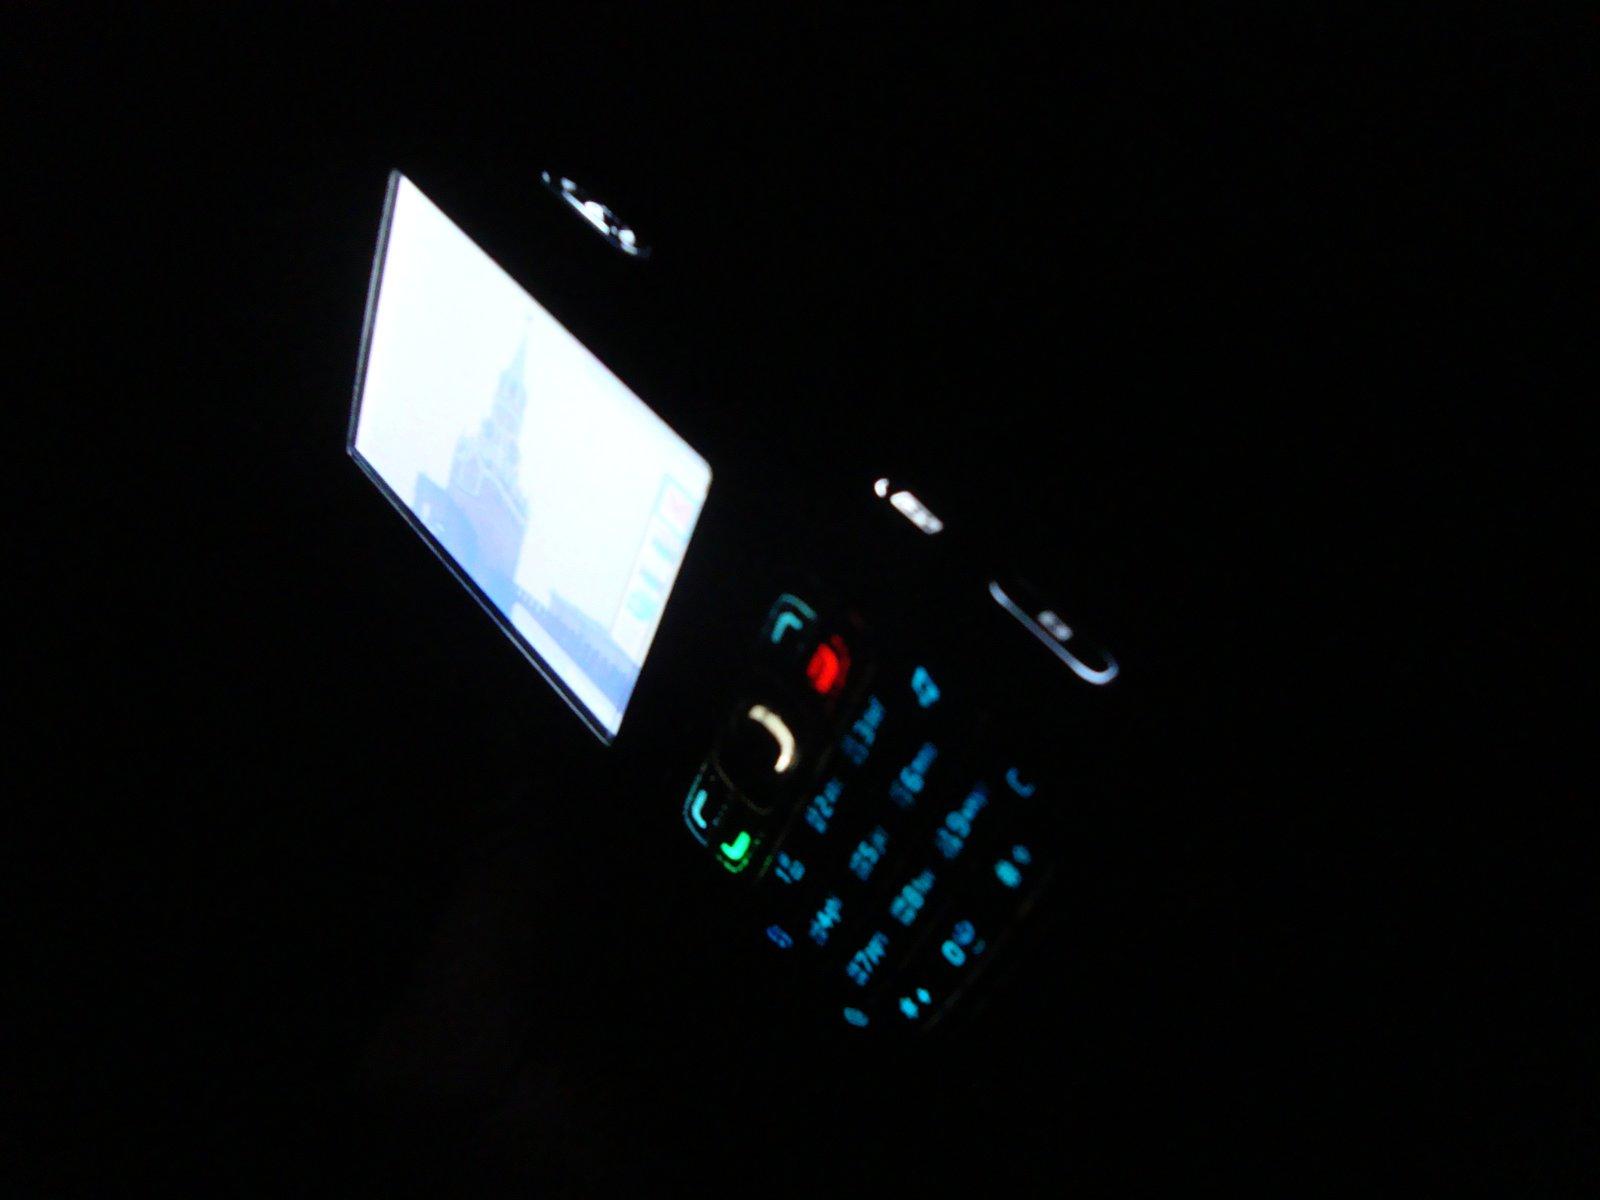 THEME NOKIA XPRESSMUSIC 5130 GRATUIT